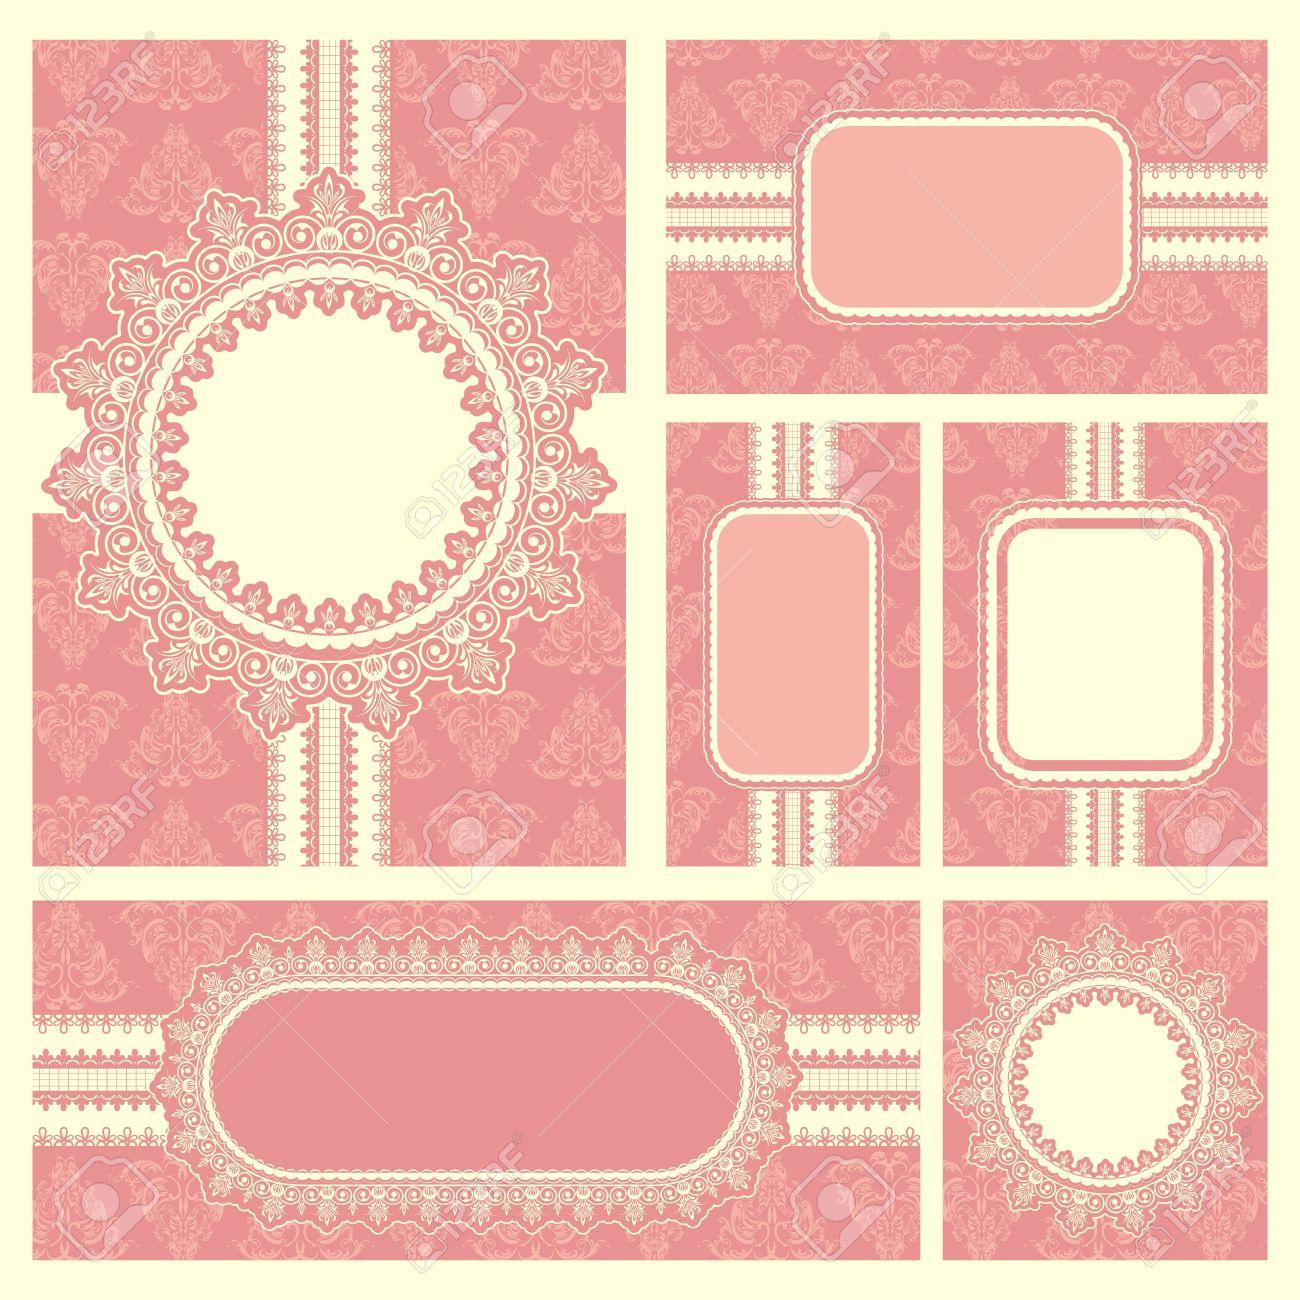 Illustration of set of wedding reception invitation card royalty illustration of set of wedding reception invitation card stock vector 11494082 stopboris Choice Image